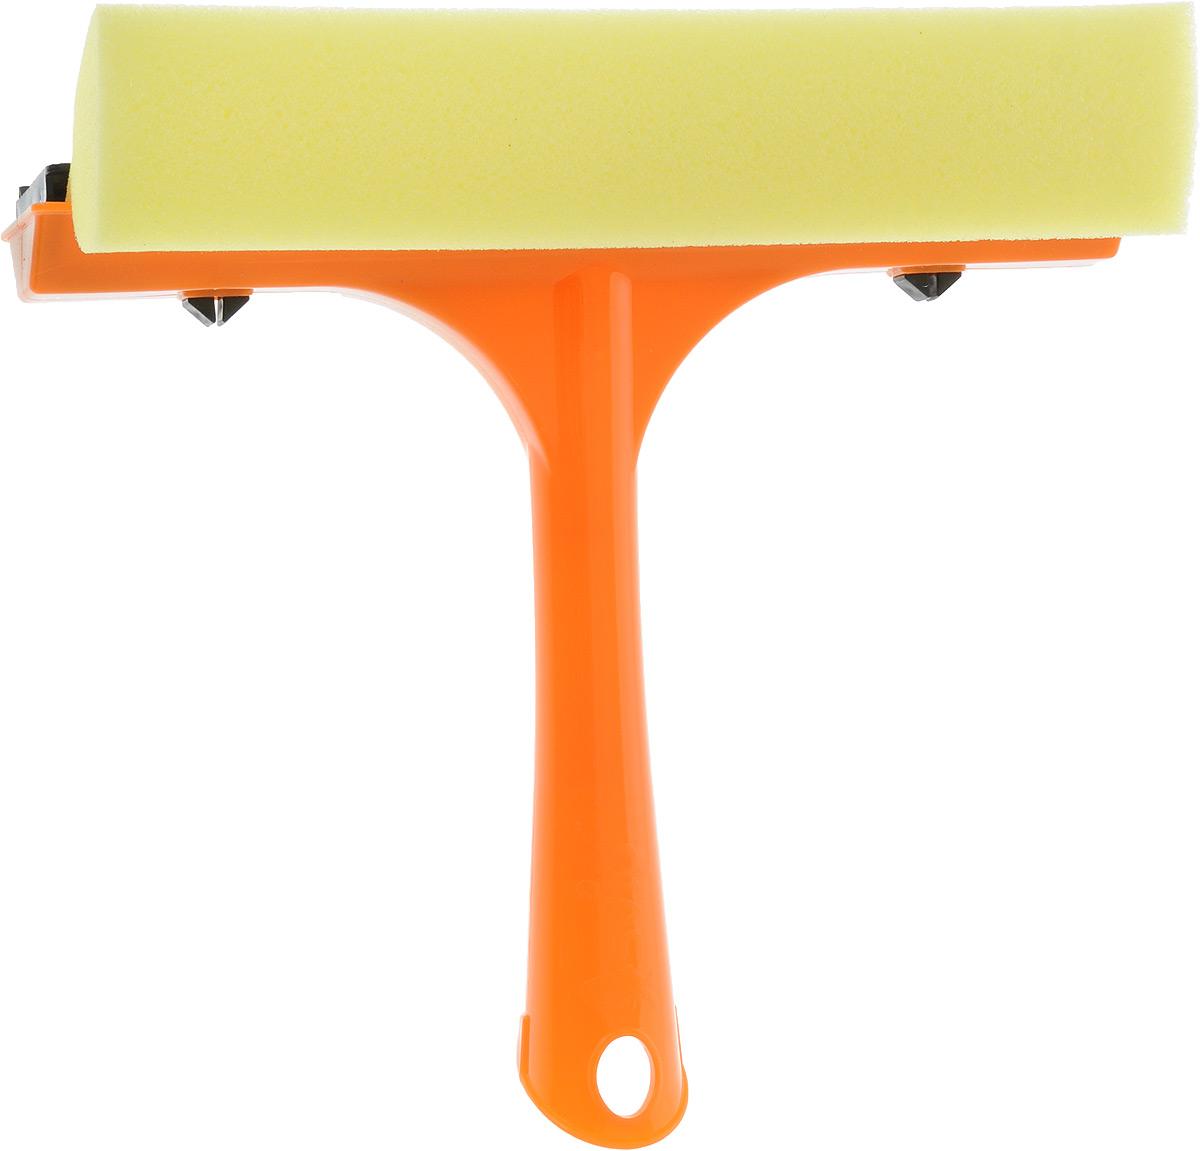 Стеклоочиститель Svip, с водосгоном, цвет: оранжевый, желтый, длина 20 смSV3057РЖ-23PSСтеклоочиститель Svip, оснащенный удобной пластиковой ручкой, станет незаменимымпомощником при уборке. Стеклоочиститель с одной стороны имеет поролоновую губку для тщательного отмывания, а с другойрезиновую кромку, с помощью которой легко собрать всю влагу, оставив стекло зеркально чистым и без разводов.Длина ручки: 15,5 см, Ширина рабочей поверхности: 21,3см.